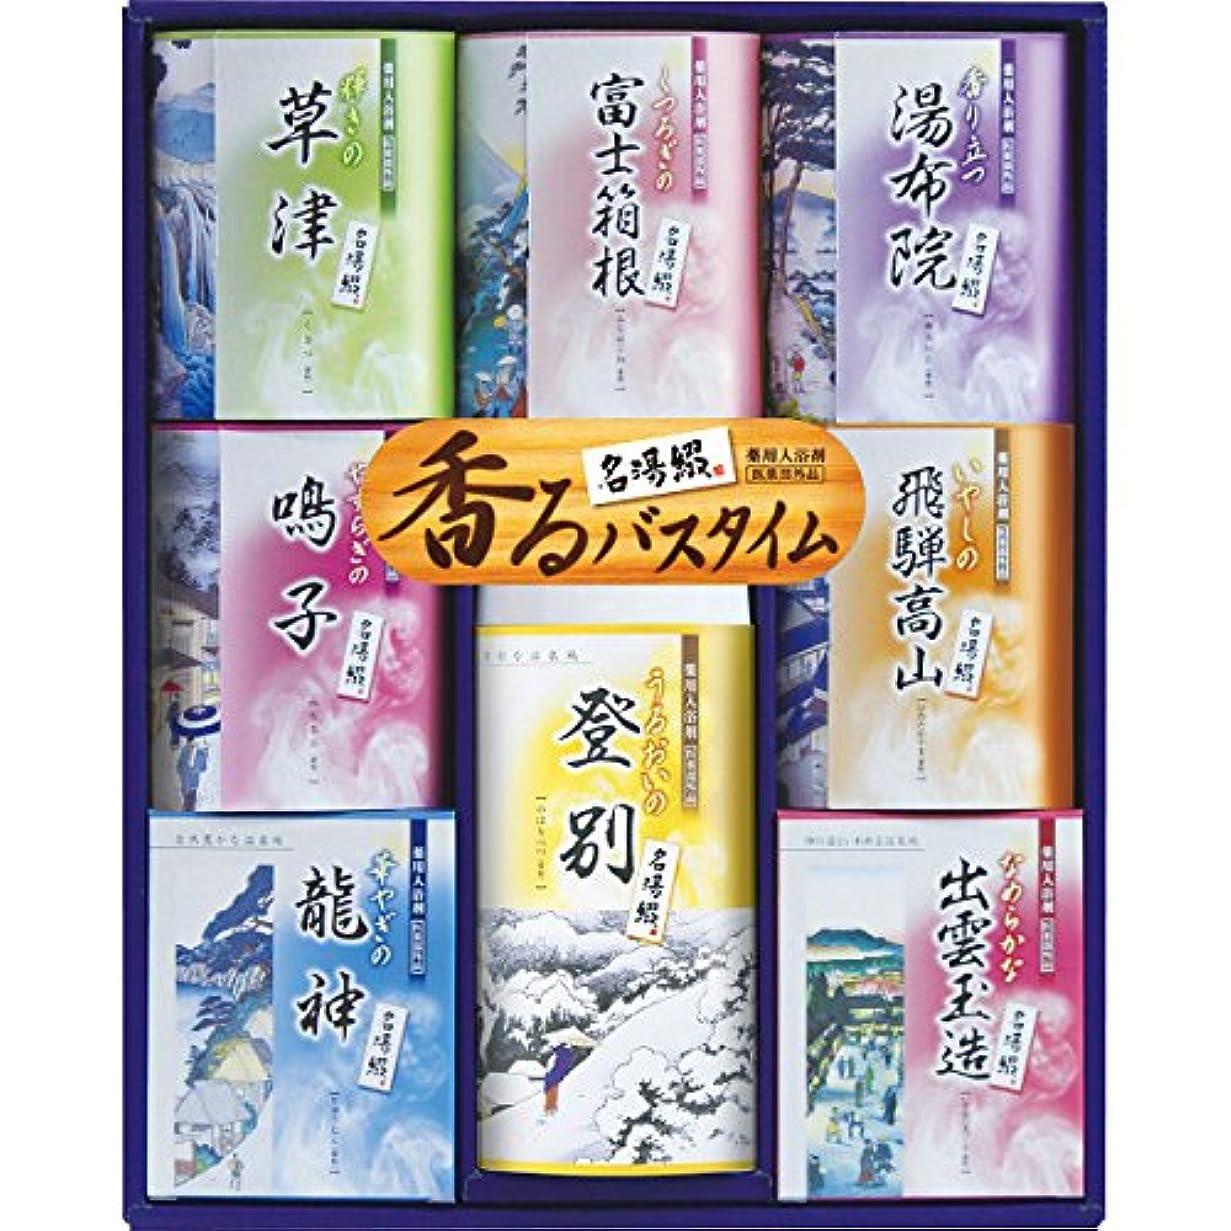 ラショナル不安定なブリリアント敬老の日 贈り物 名湯綴入浴剤セット(SD)